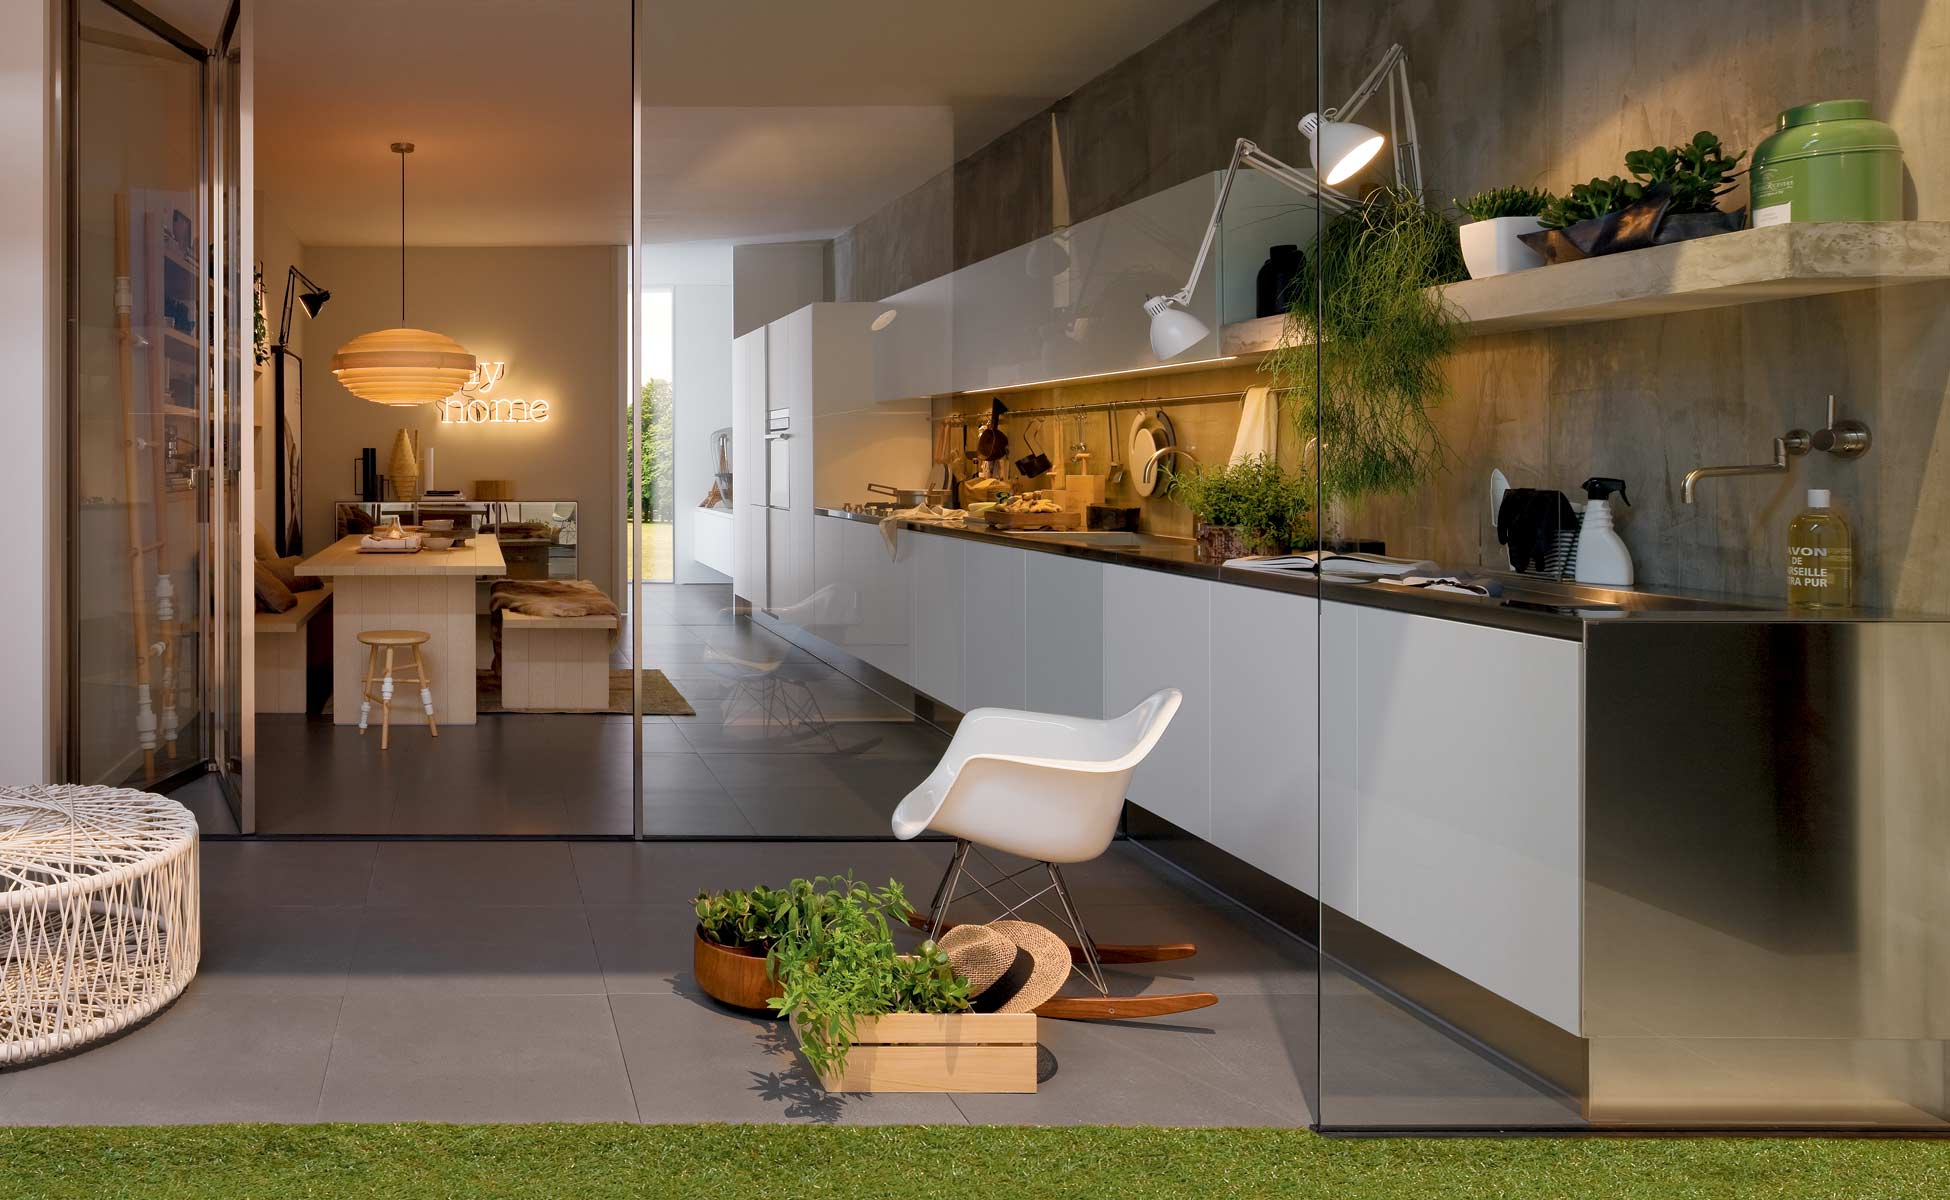 arclinea k chen in berlin steidten einrichten mit. Black Bedroom Furniture Sets. Home Design Ideas